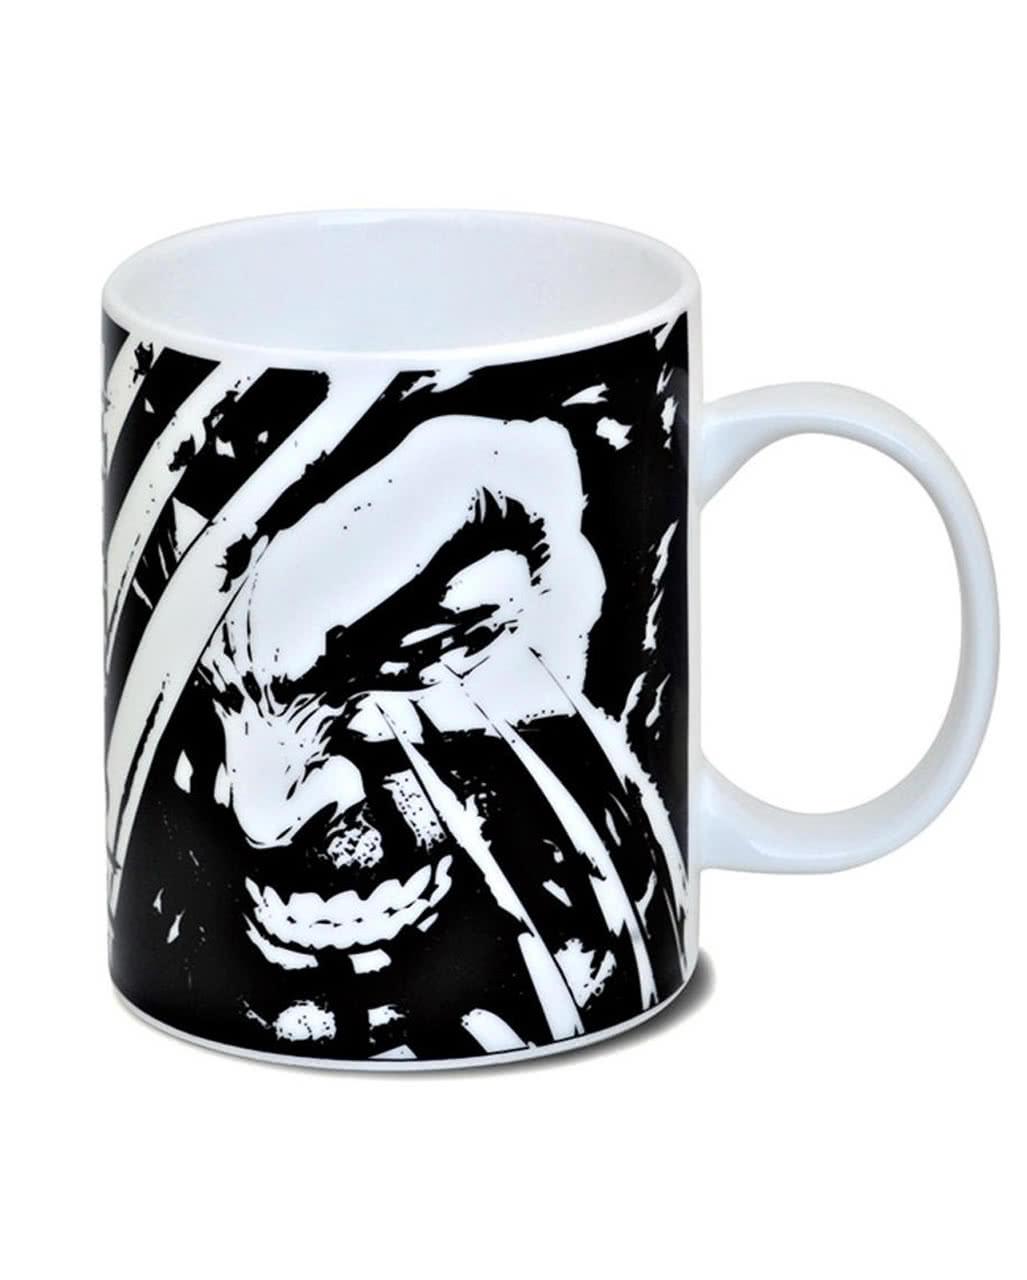 wolverine mug marvel horror. Black Bedroom Furniture Sets. Home Design Ideas